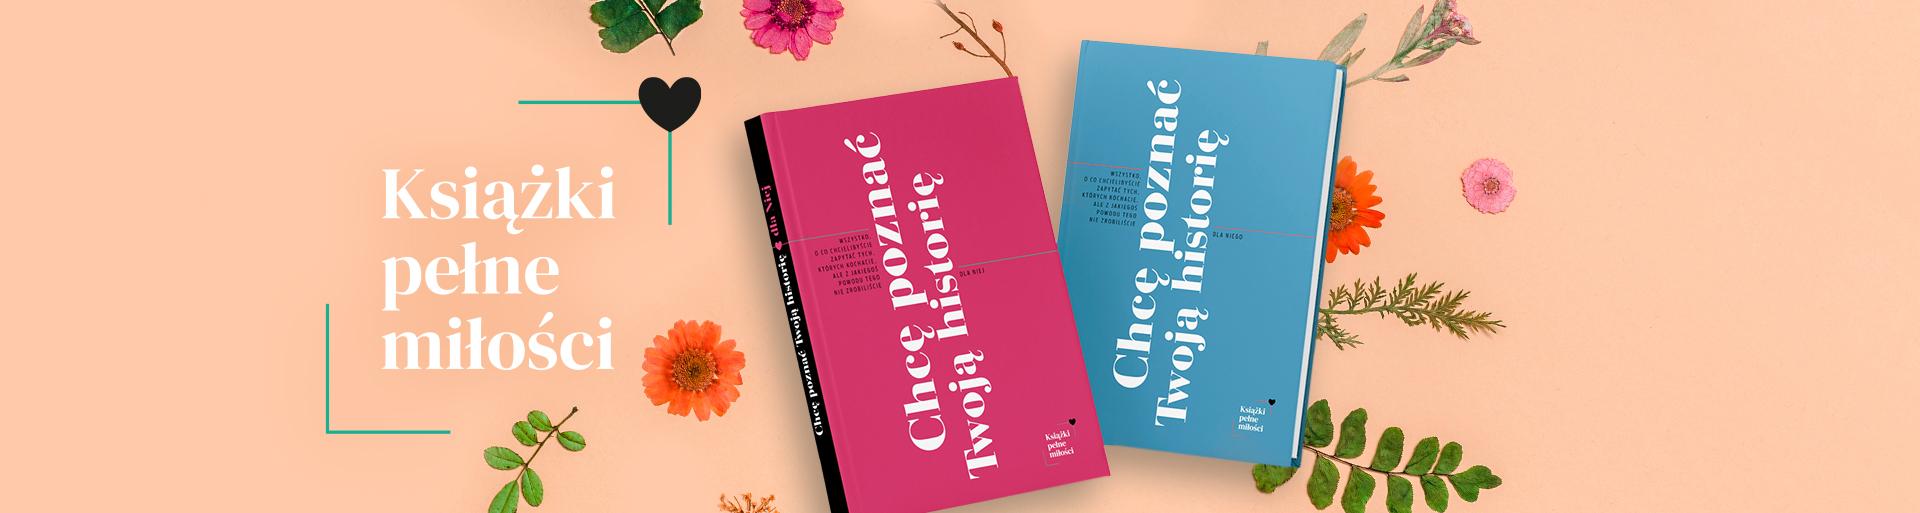 książki dla niej i dla niego - okładki na pomarańczowym tle